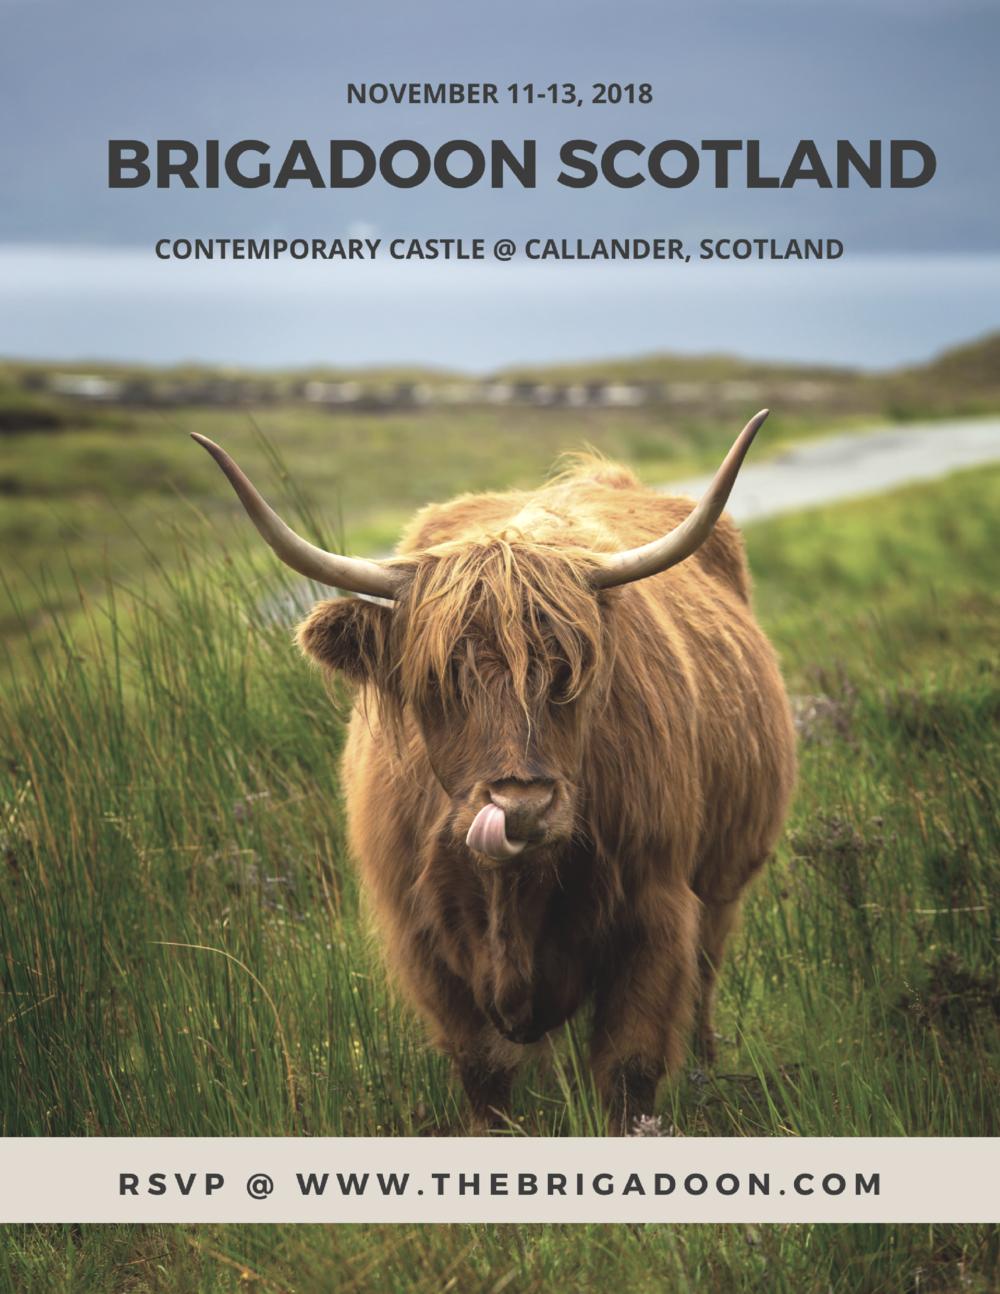 Brigadoon Scotland 2018.png